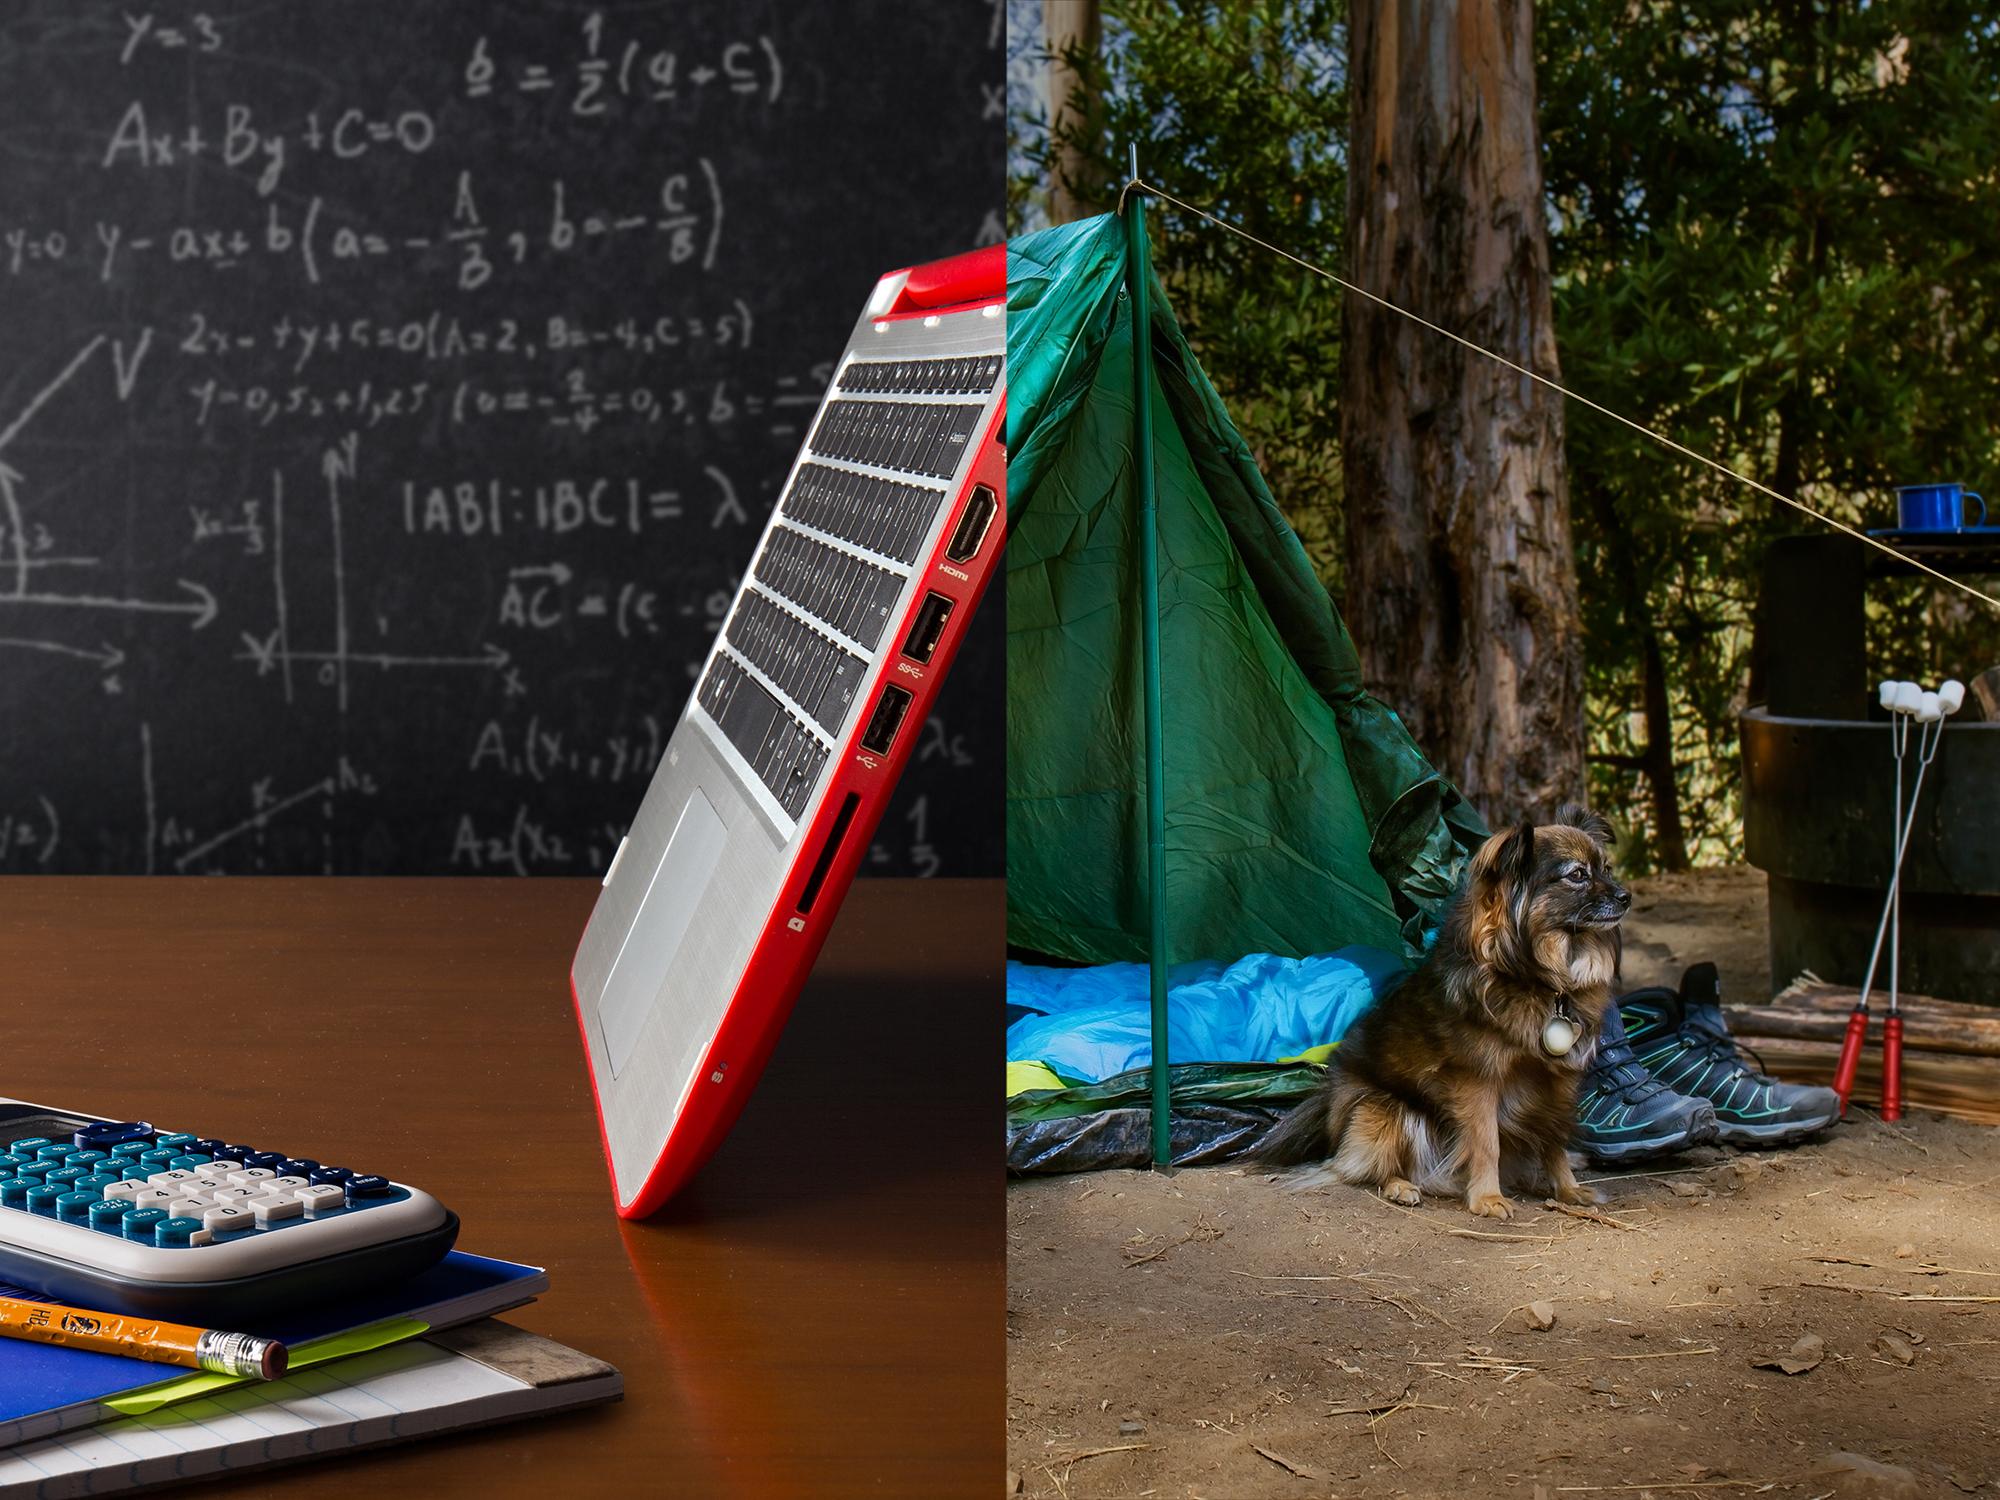 PHOTOMASHUP_tent_camping_v2.jpg